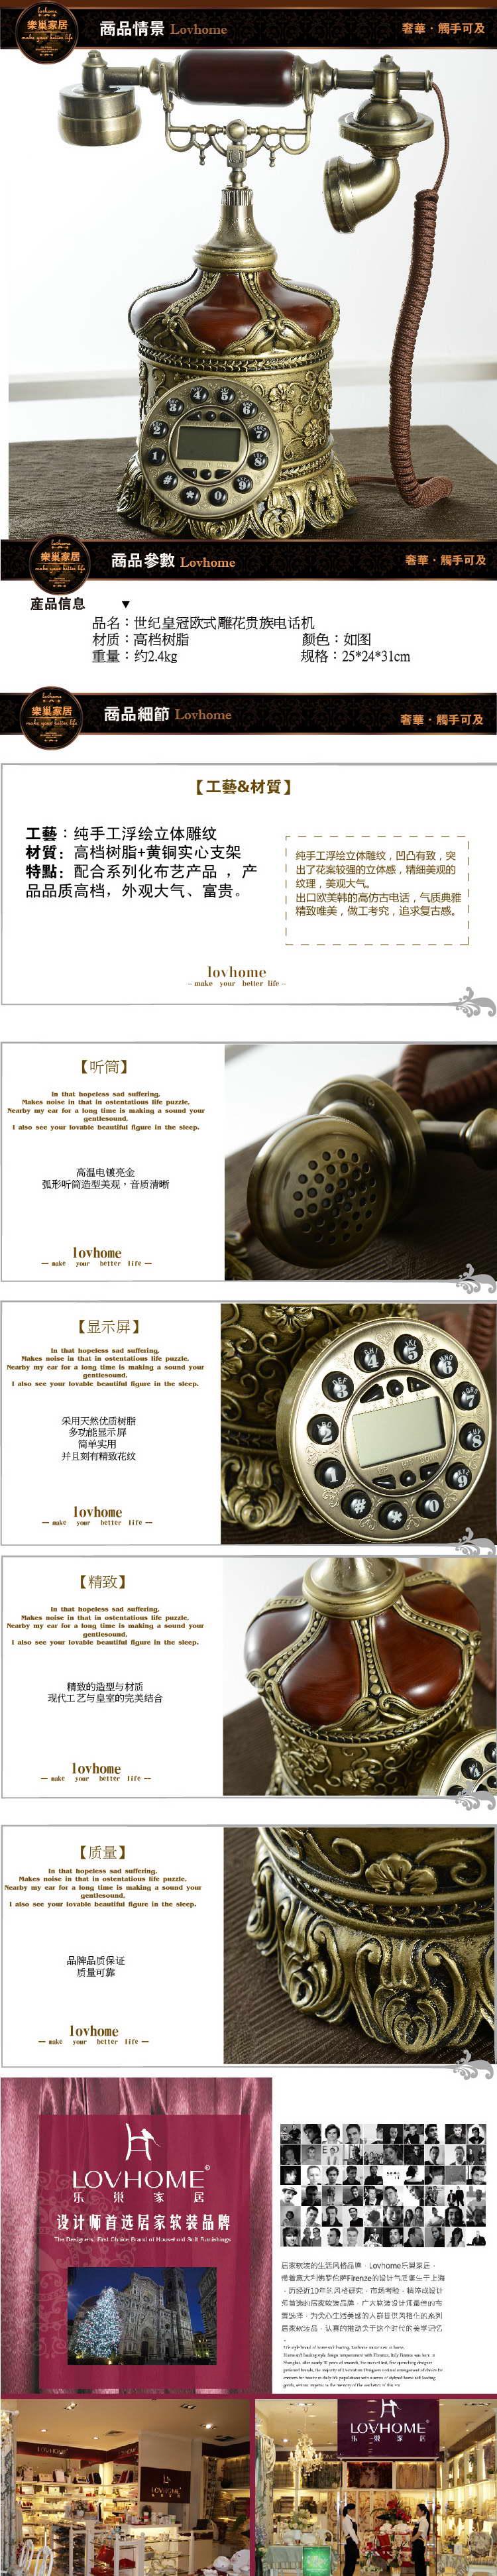 世纪皇冠欧式雕花贵族电话机